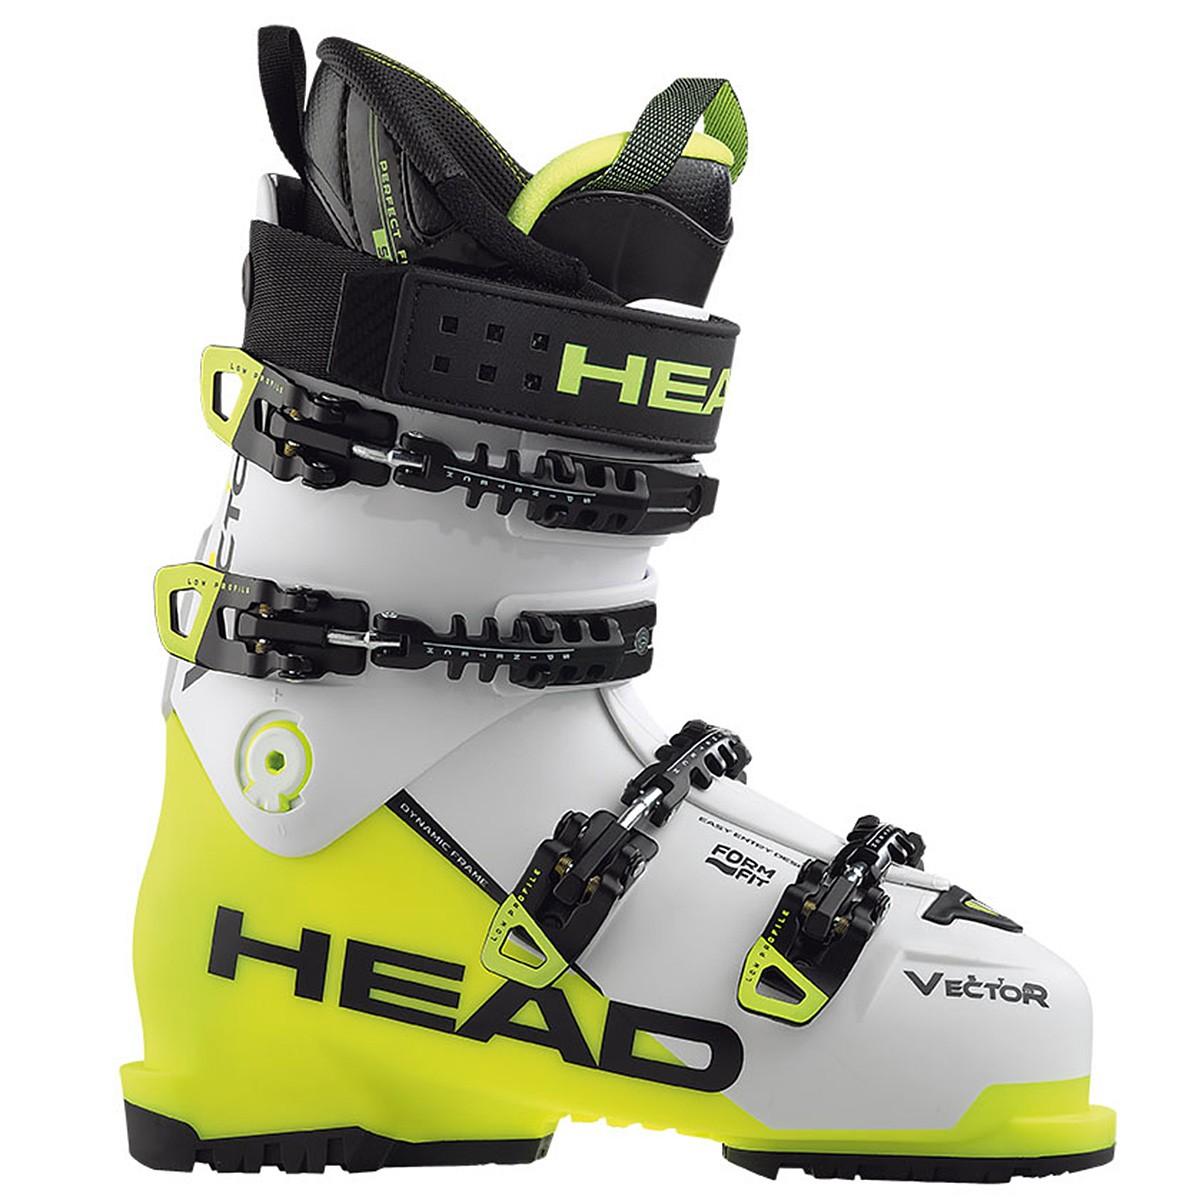 Head Vector Evo 110 - Botas de esquí para hombre, unisex, -, 27